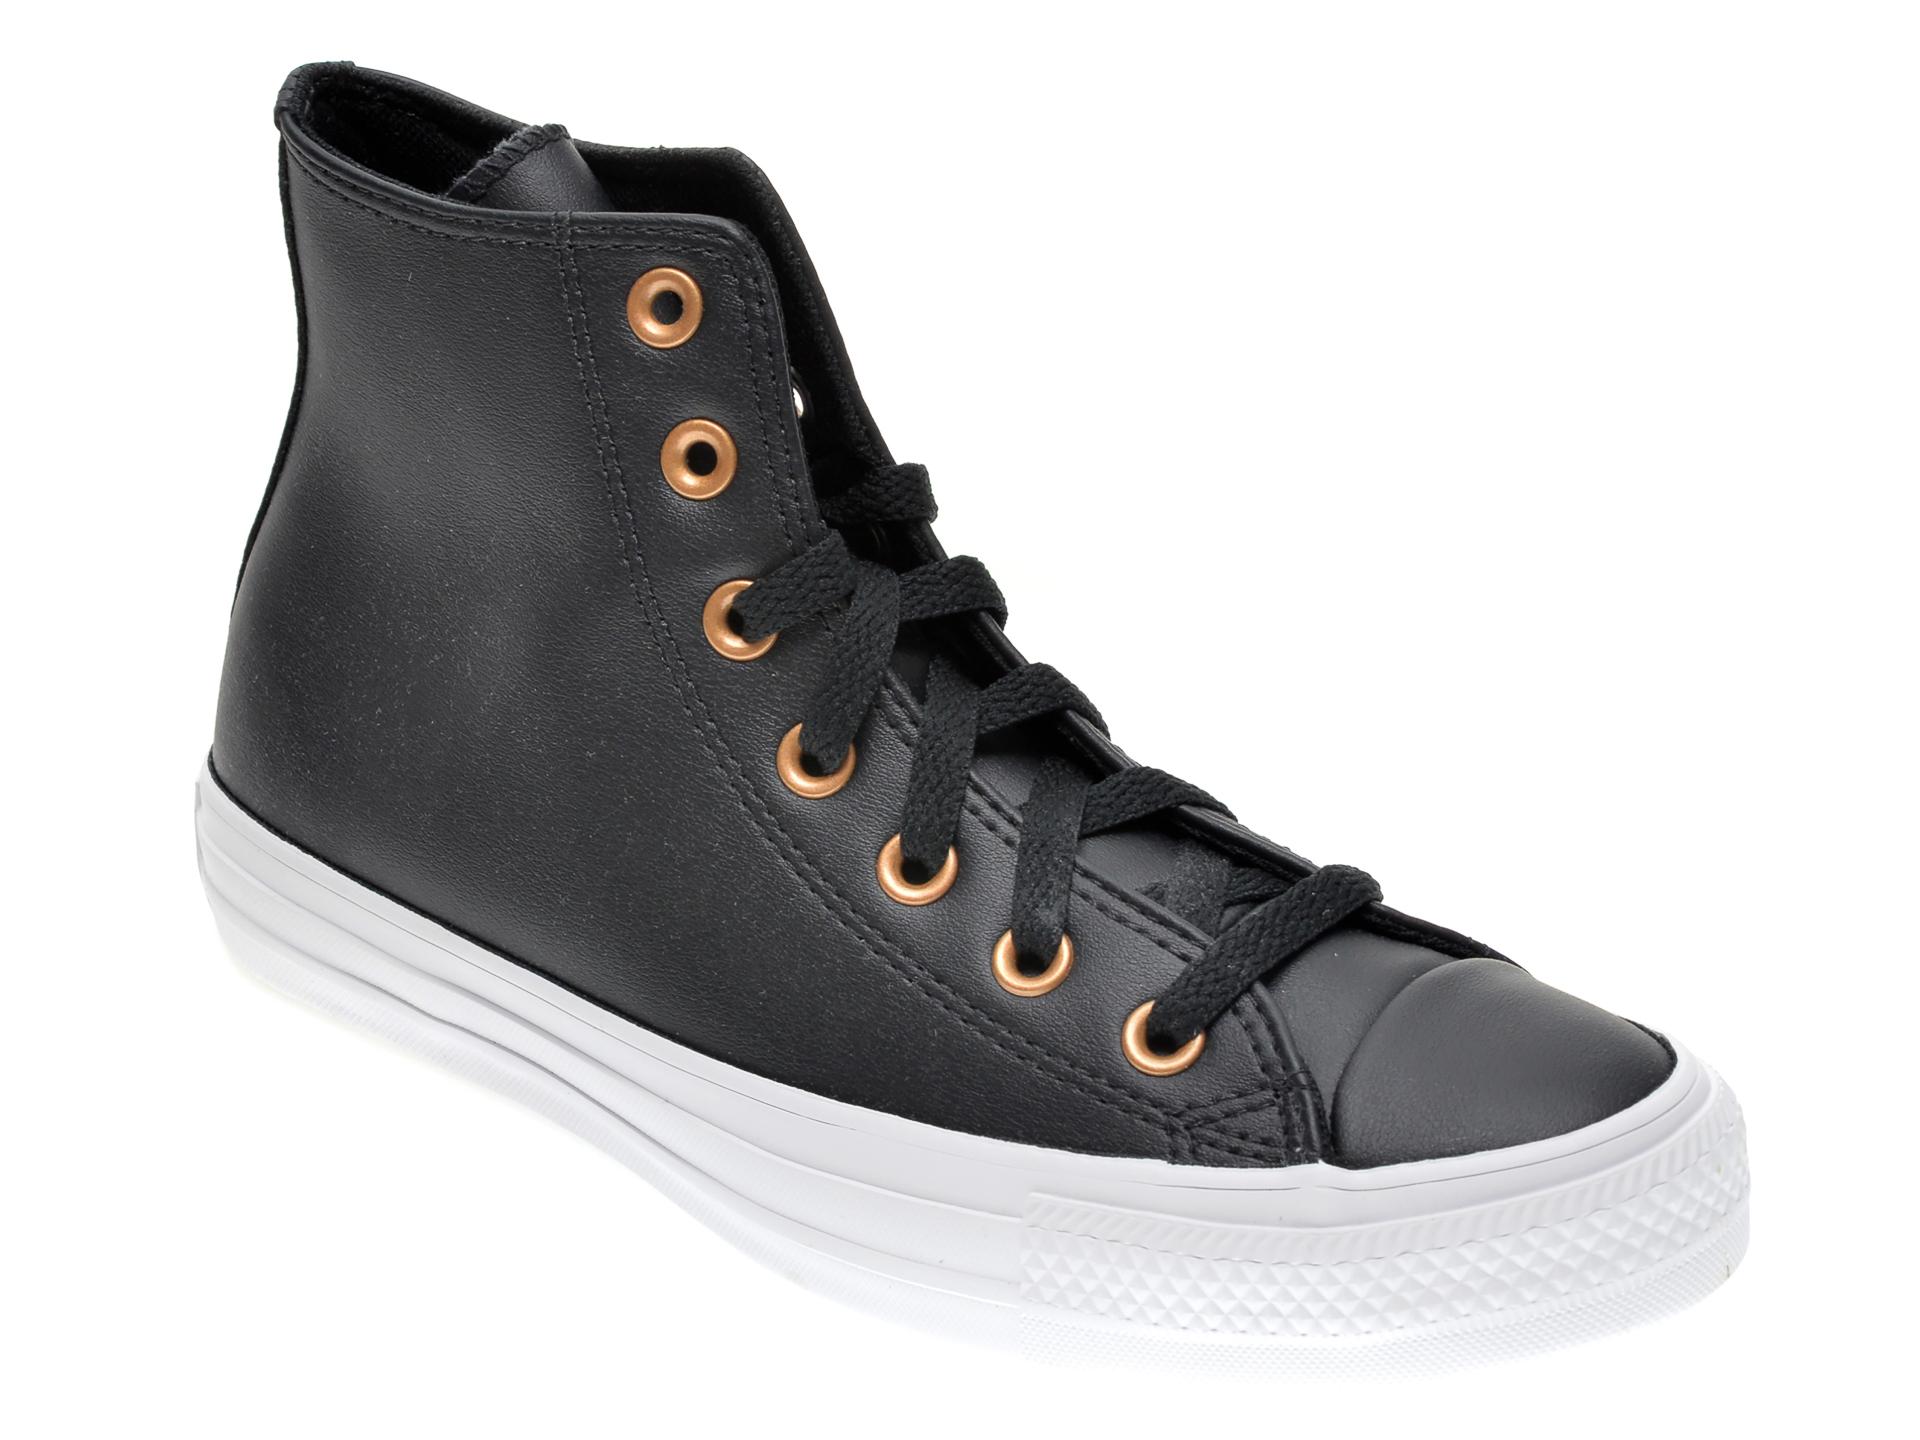 Pantofi sport CONVERSE negre, 568659C, din piele ecologica New